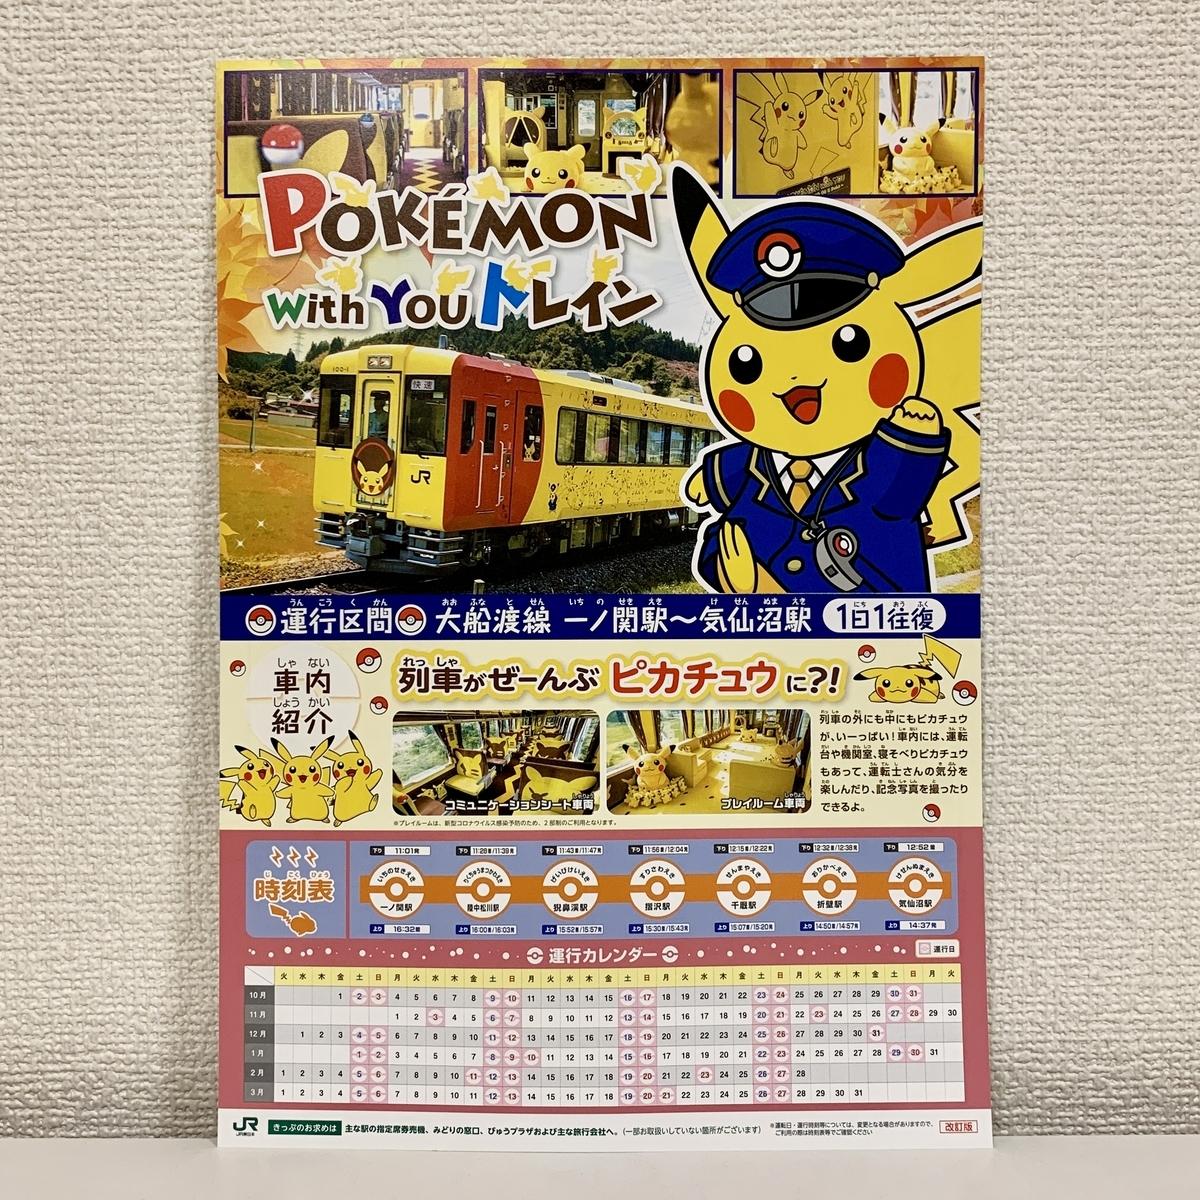 f:id:pikachu_pcn:20211013182223j:plain